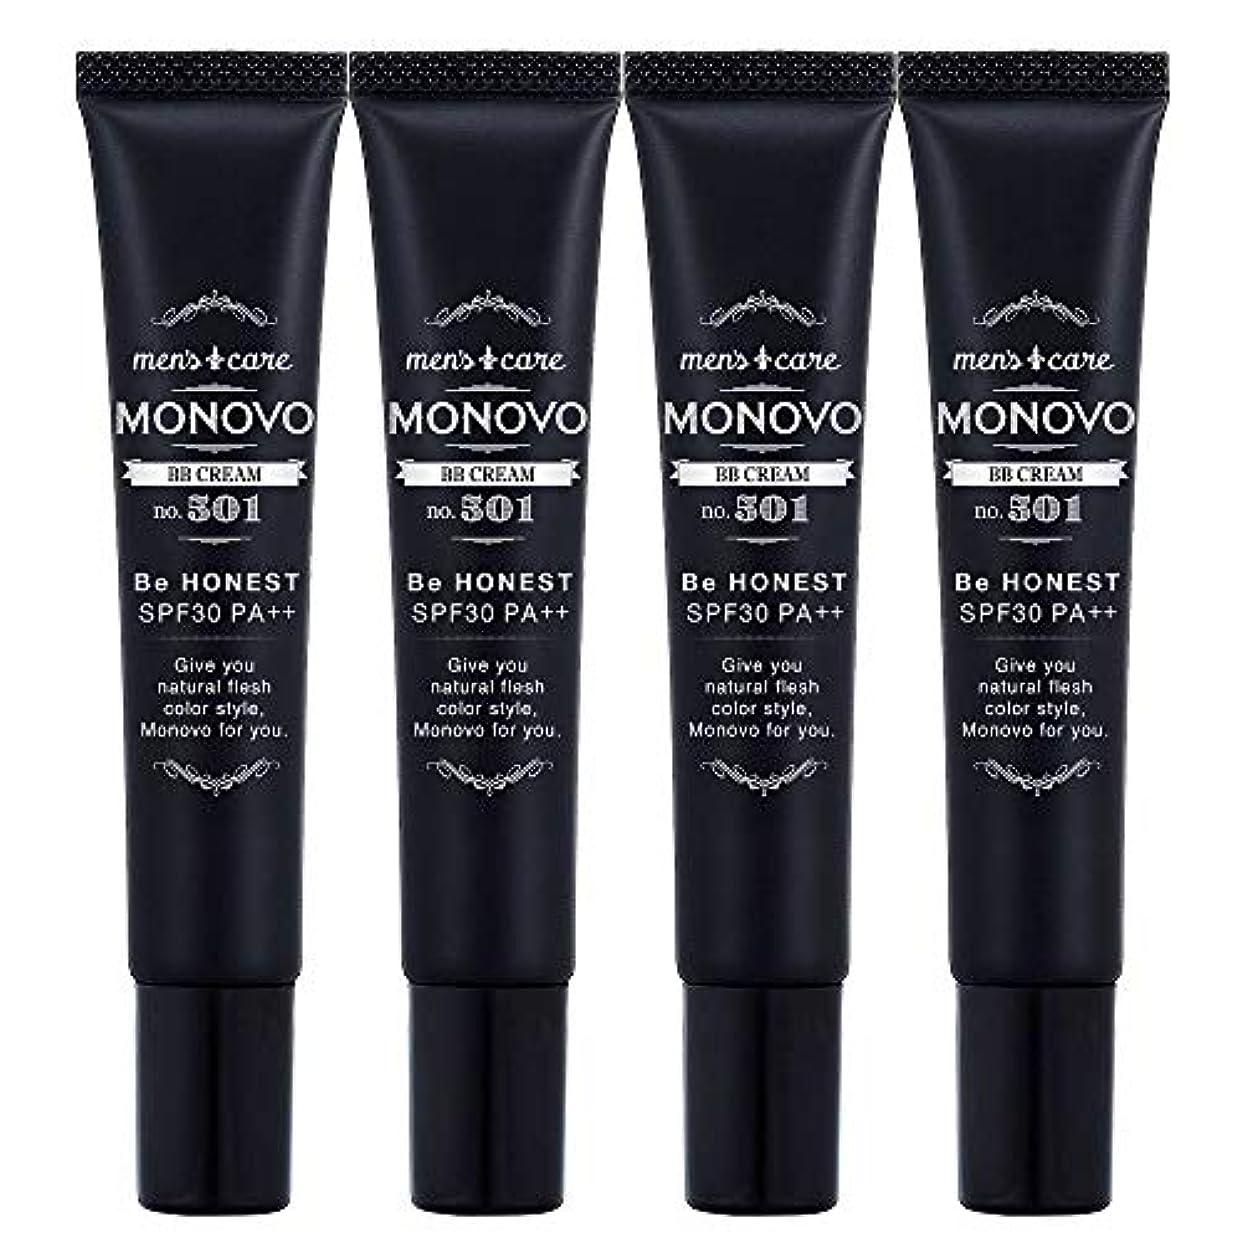 交渉する公式環境に優しいMONOVO BBクリーム メンズ コンシーラー ファンデーション効果で青髭/テカリ/肌荒れ隠し[ SPF30/PA++] 4本 80g